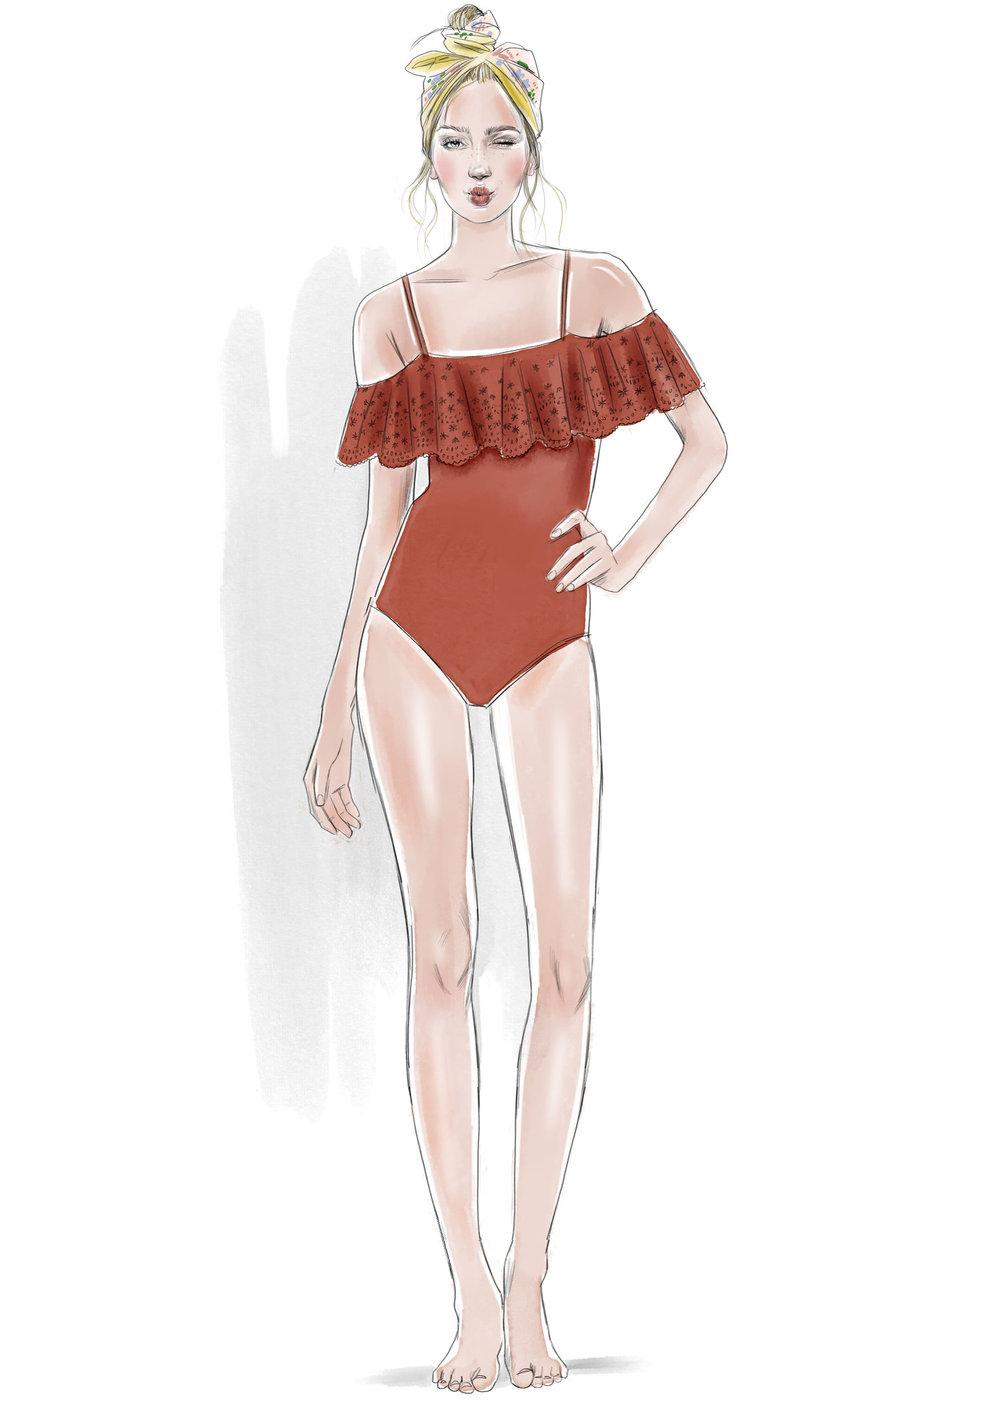 03-tracy-turnbull-lingerie.jpg